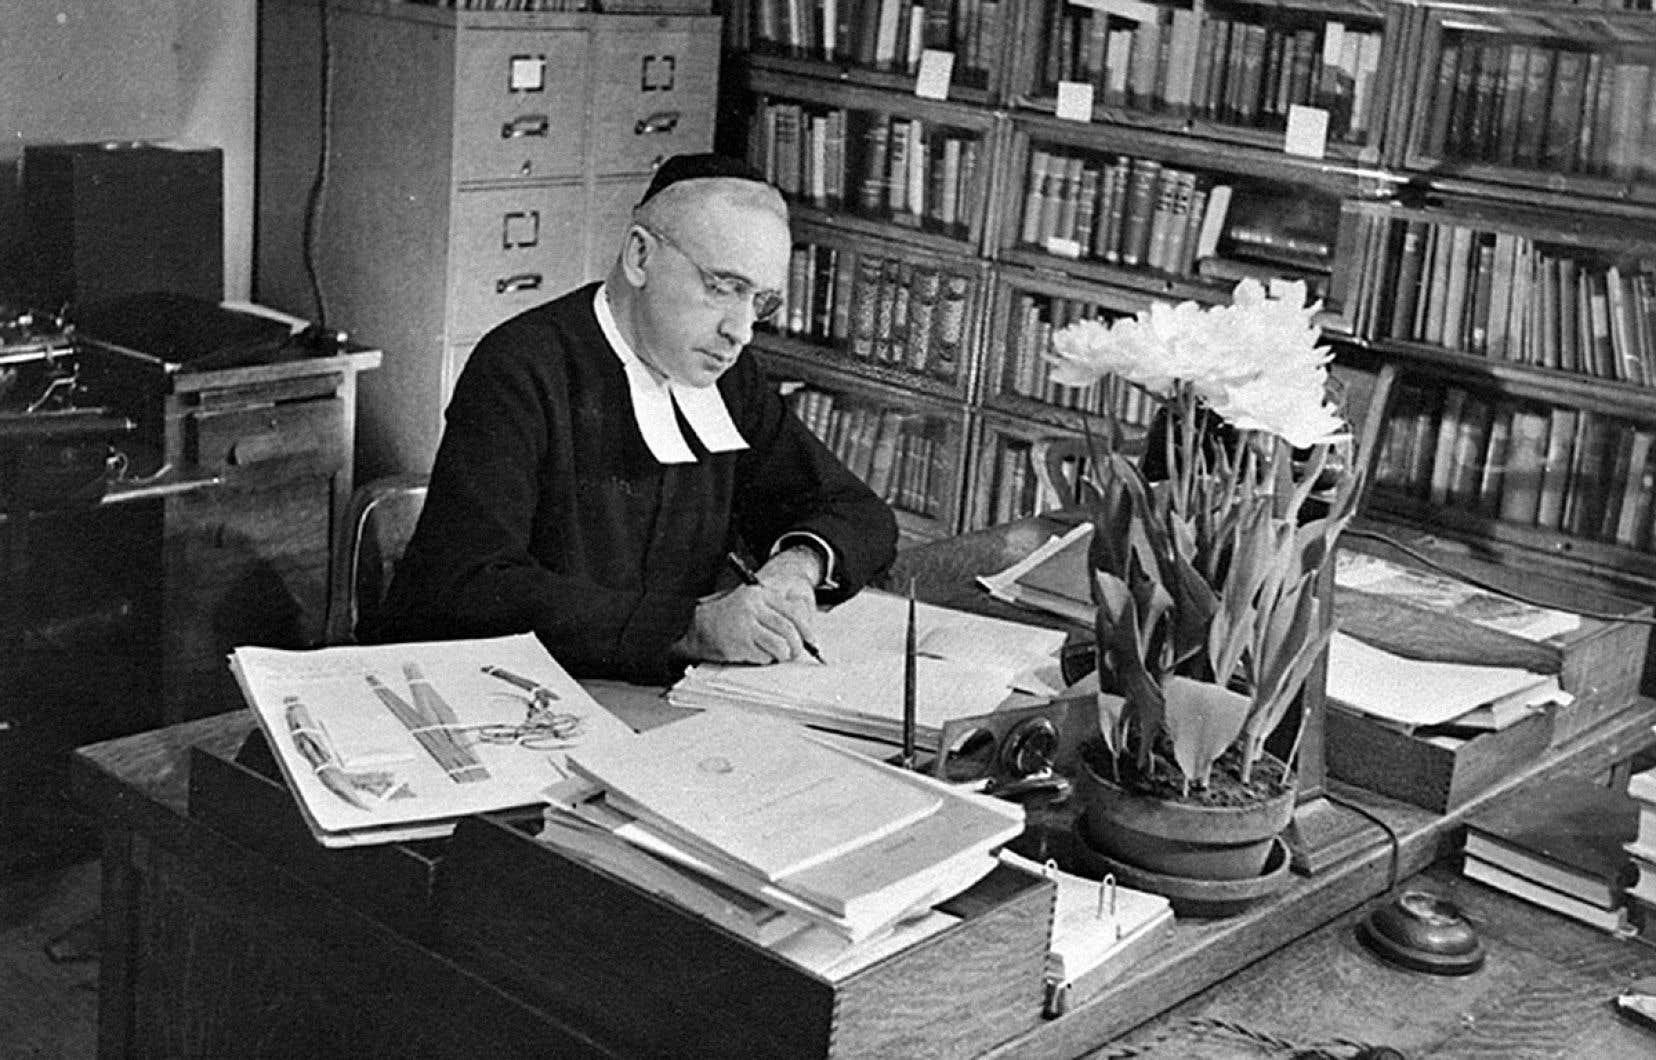 «Les batailles sociales et politiques qu'a menées feu le frère Marie-Victorin dans les années 1930 pour développer la culture scientifique au Québec, il les menait au nom du futur développement économique du Québec, un développement plutôt réussi, non?» écrit l'auteur.